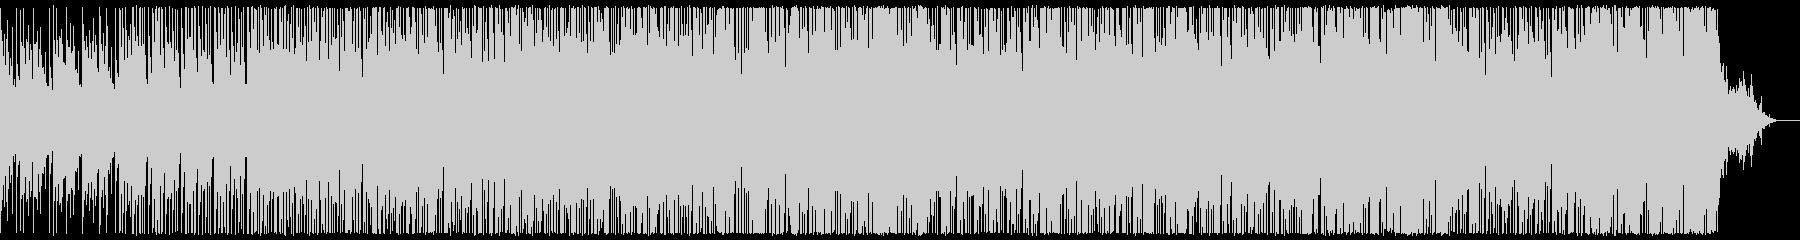 柔らかなバラードの未再生の波形